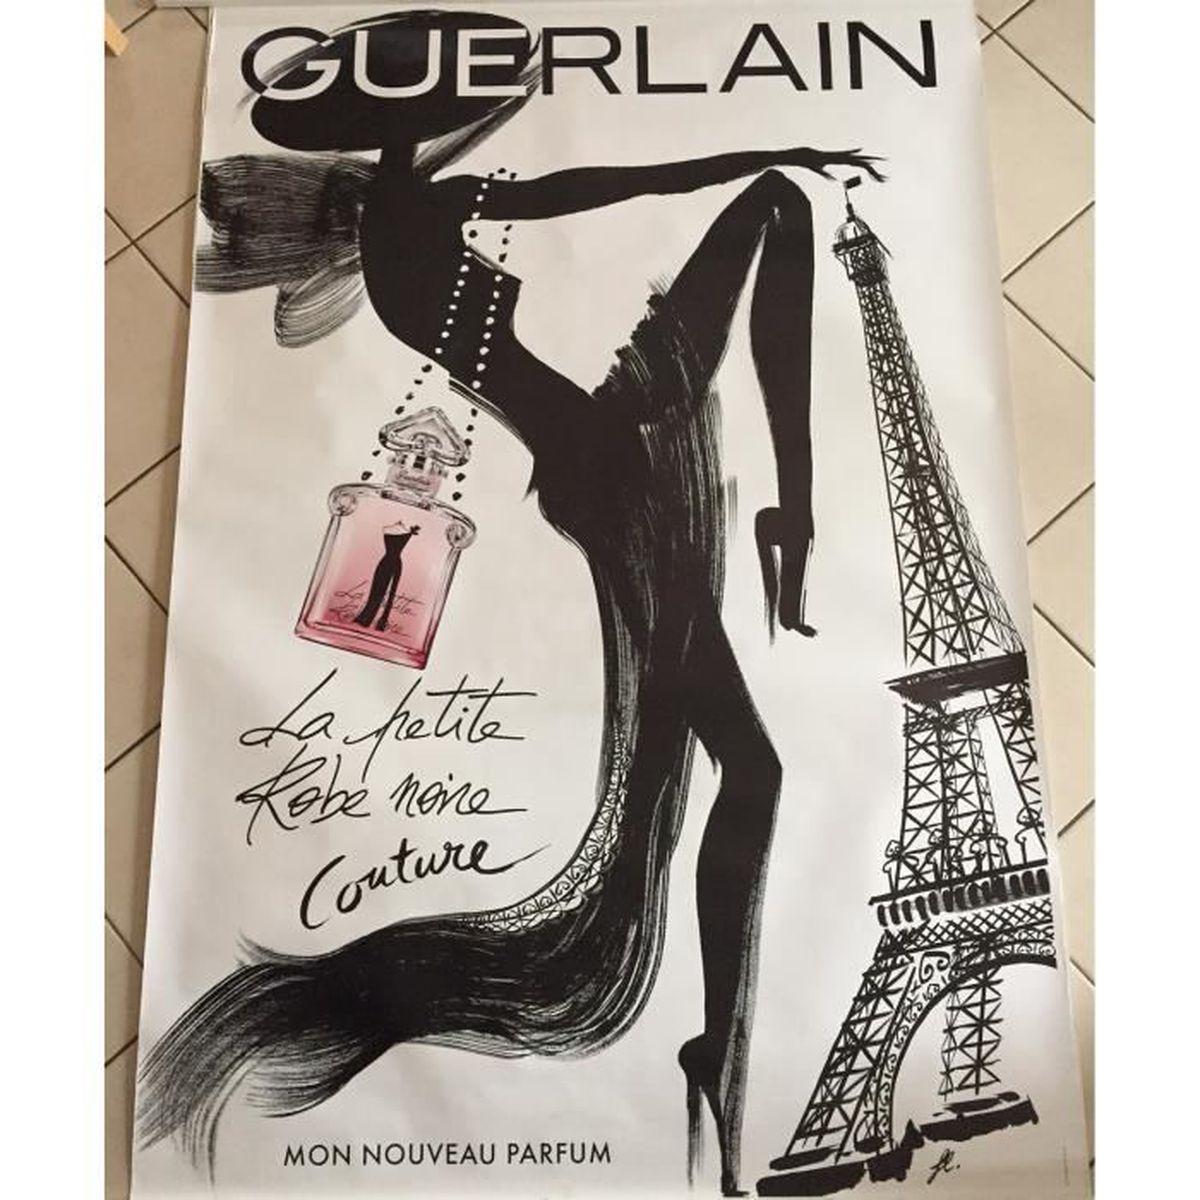 Robe La Affiche Lpumjszvqg Noire Guerlain Parfum Petite Cm 120x175 qSzMVUp